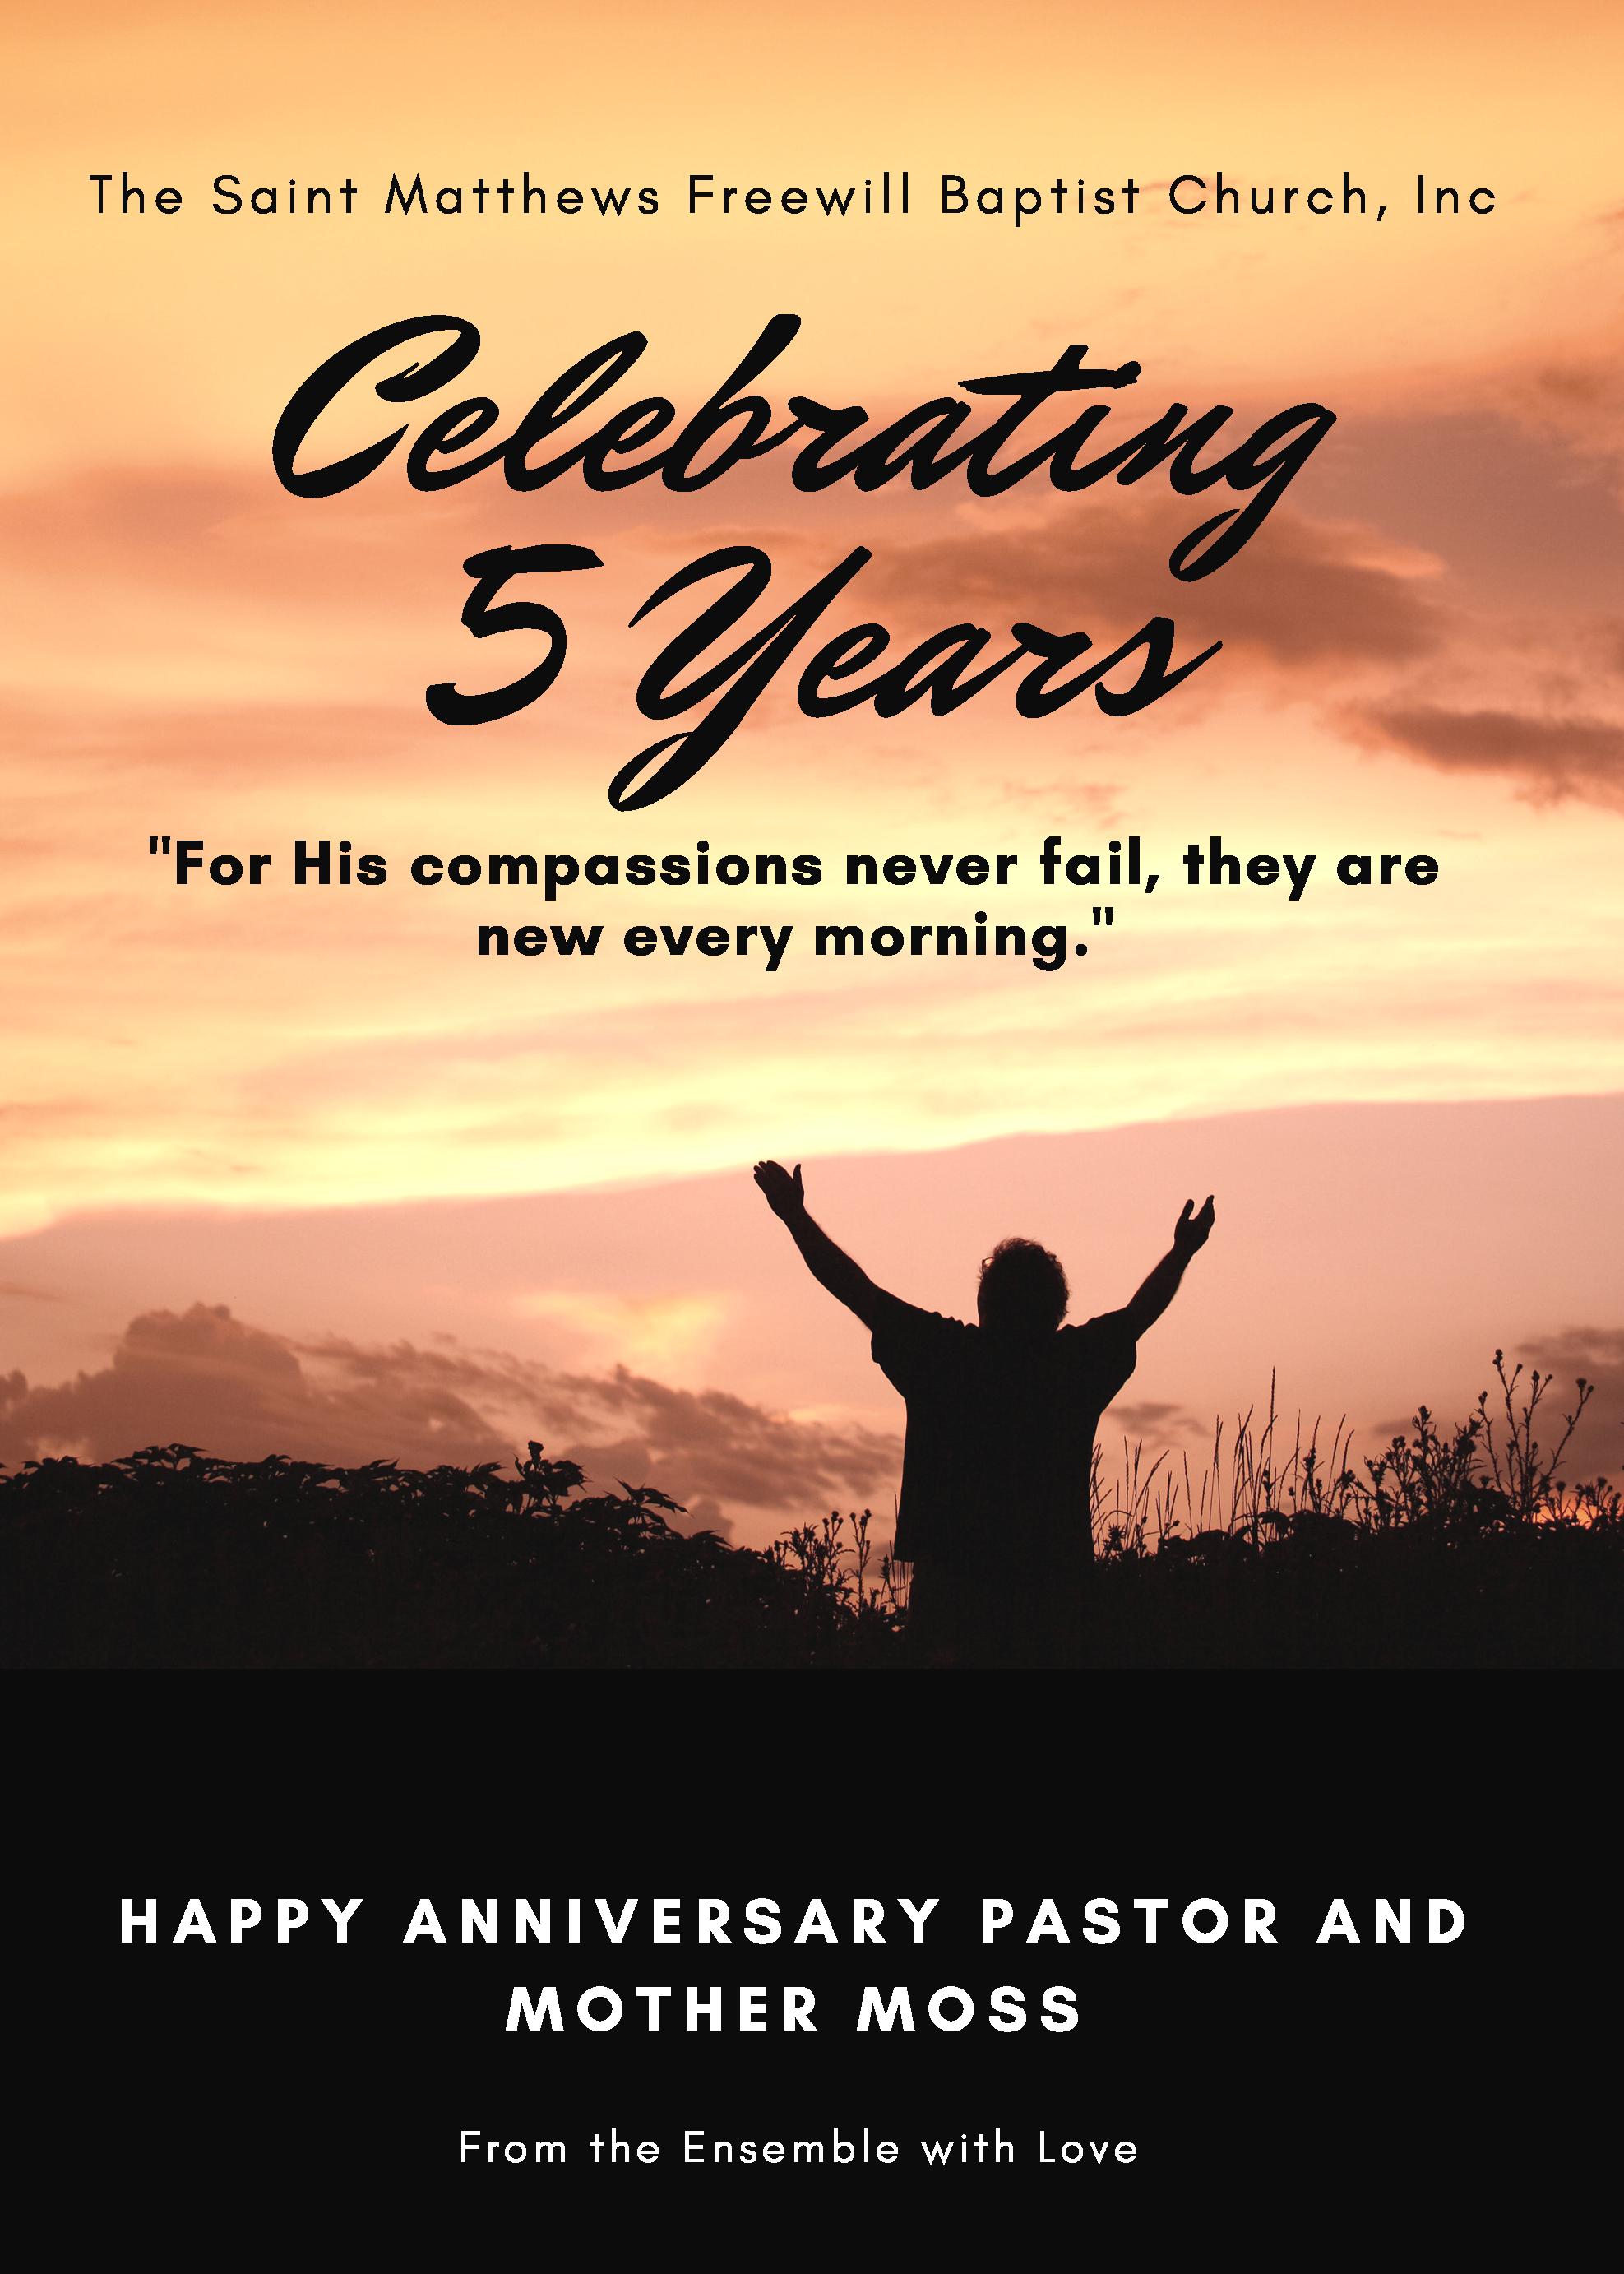 Congratulation - 5th Anniversary